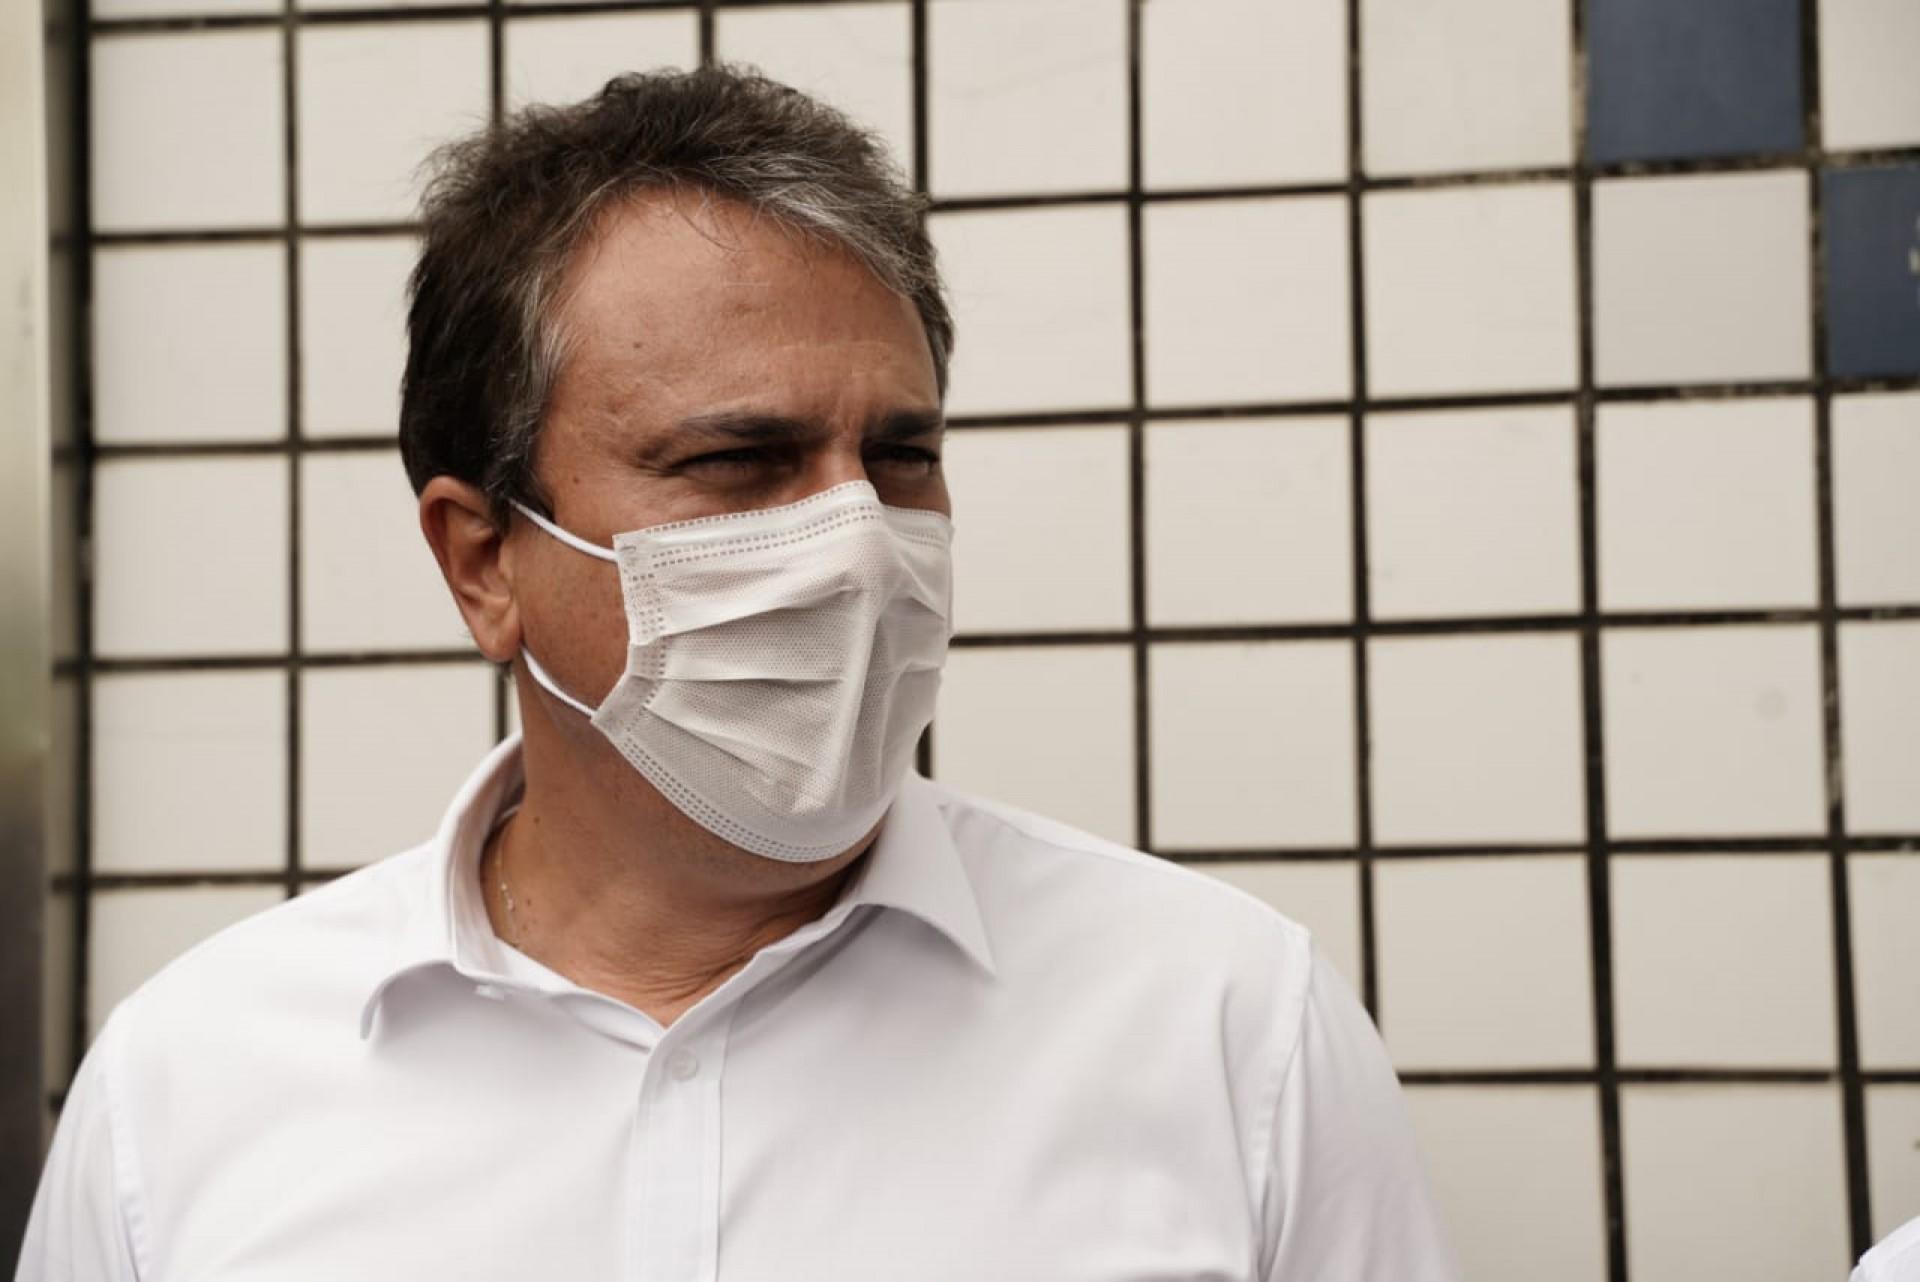 Bloco de opositores a Bolsonaro, como o governador Camilo Santana, tem gerado maior engajamento nas redes sociais (Foto: Júlio Caesar)